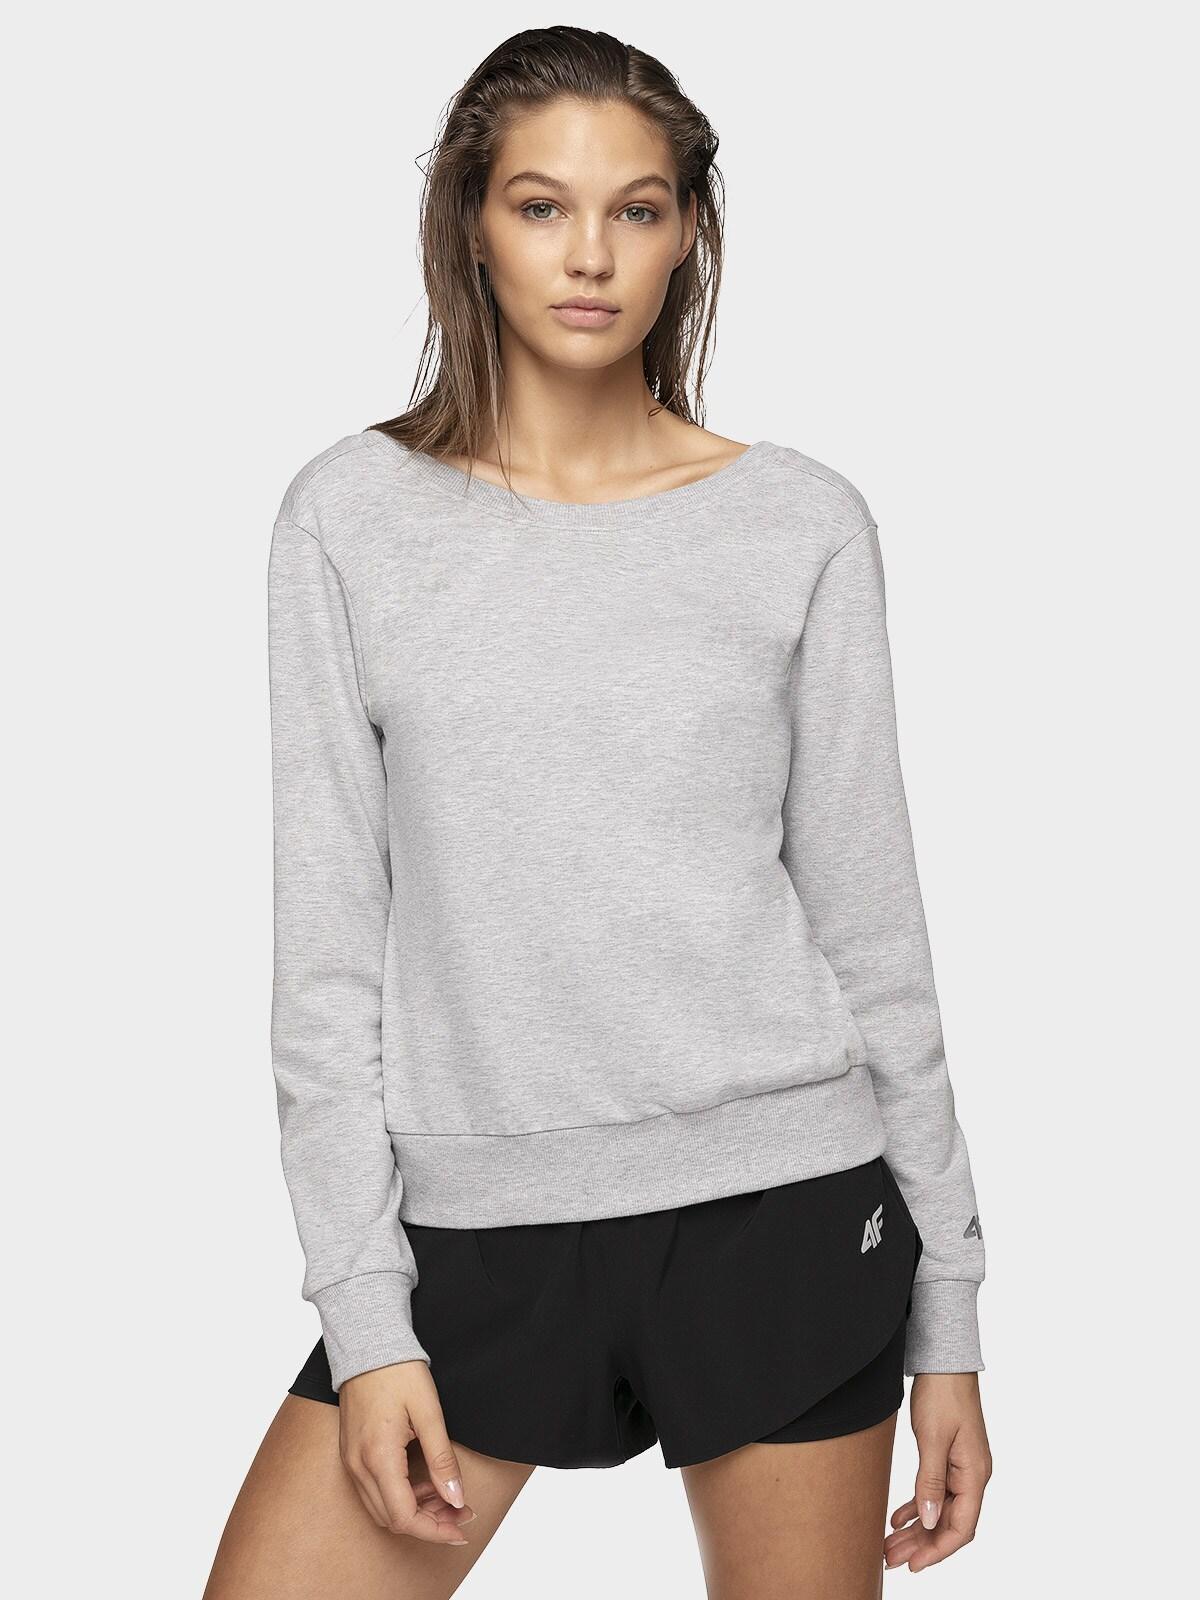 Bluza damska V-neck BLD703 - chłodny jasny szary melanż